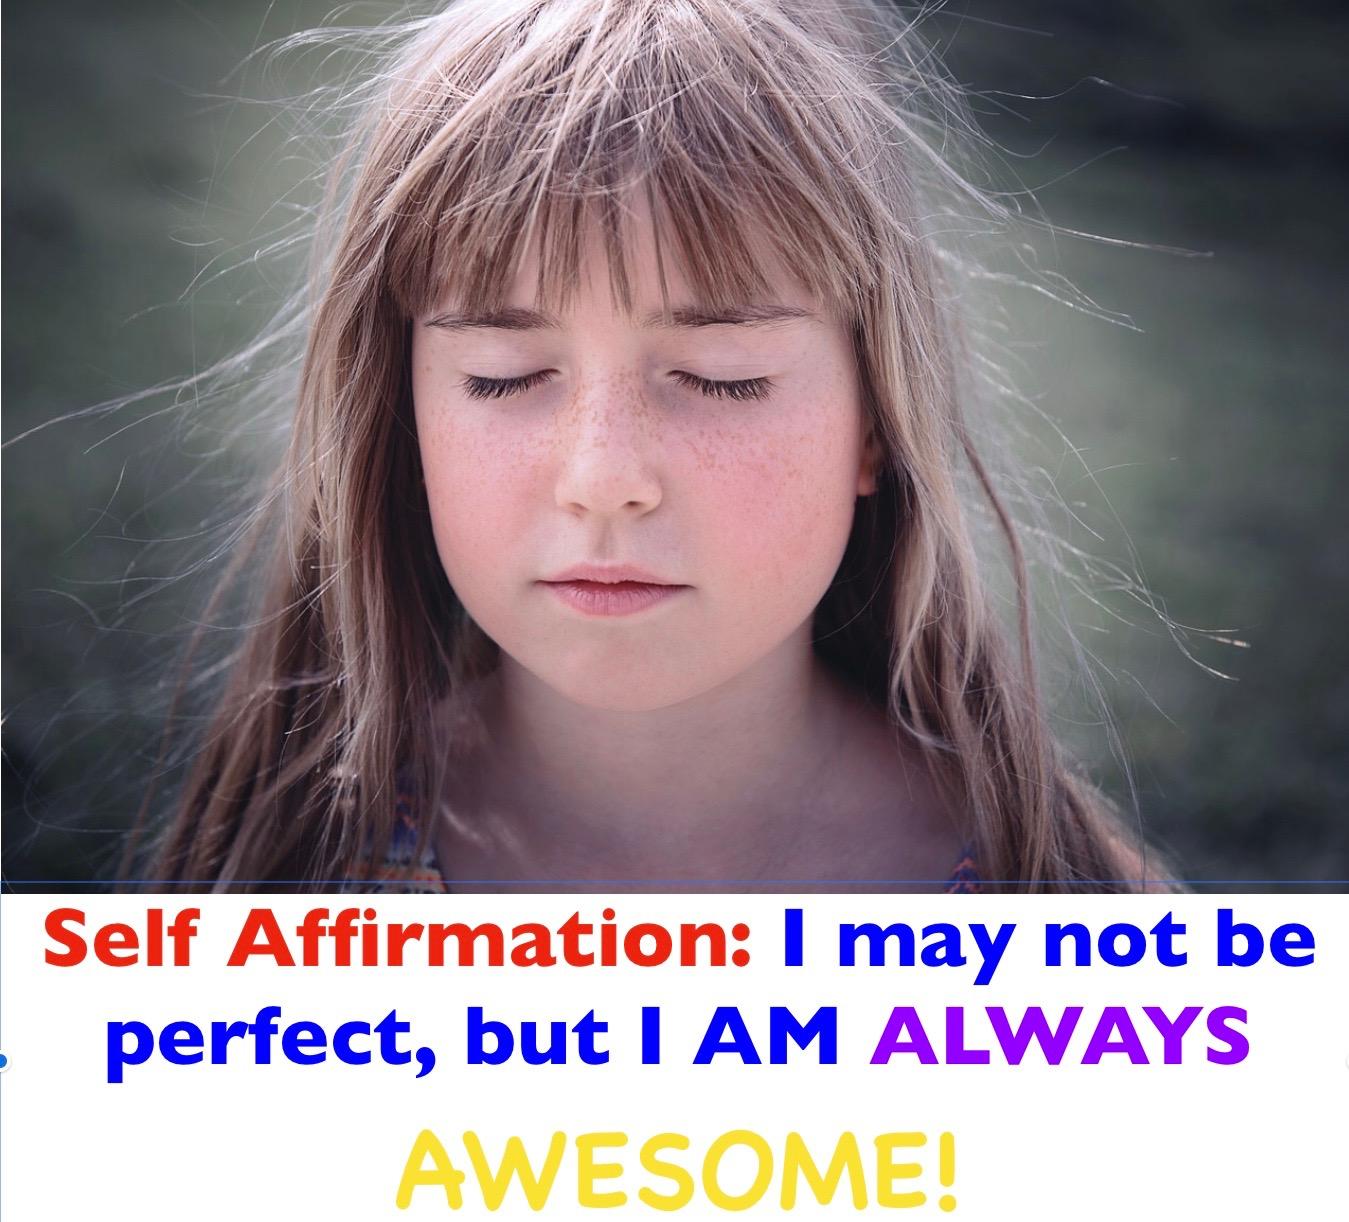 I am always awesome affirmation.jpg